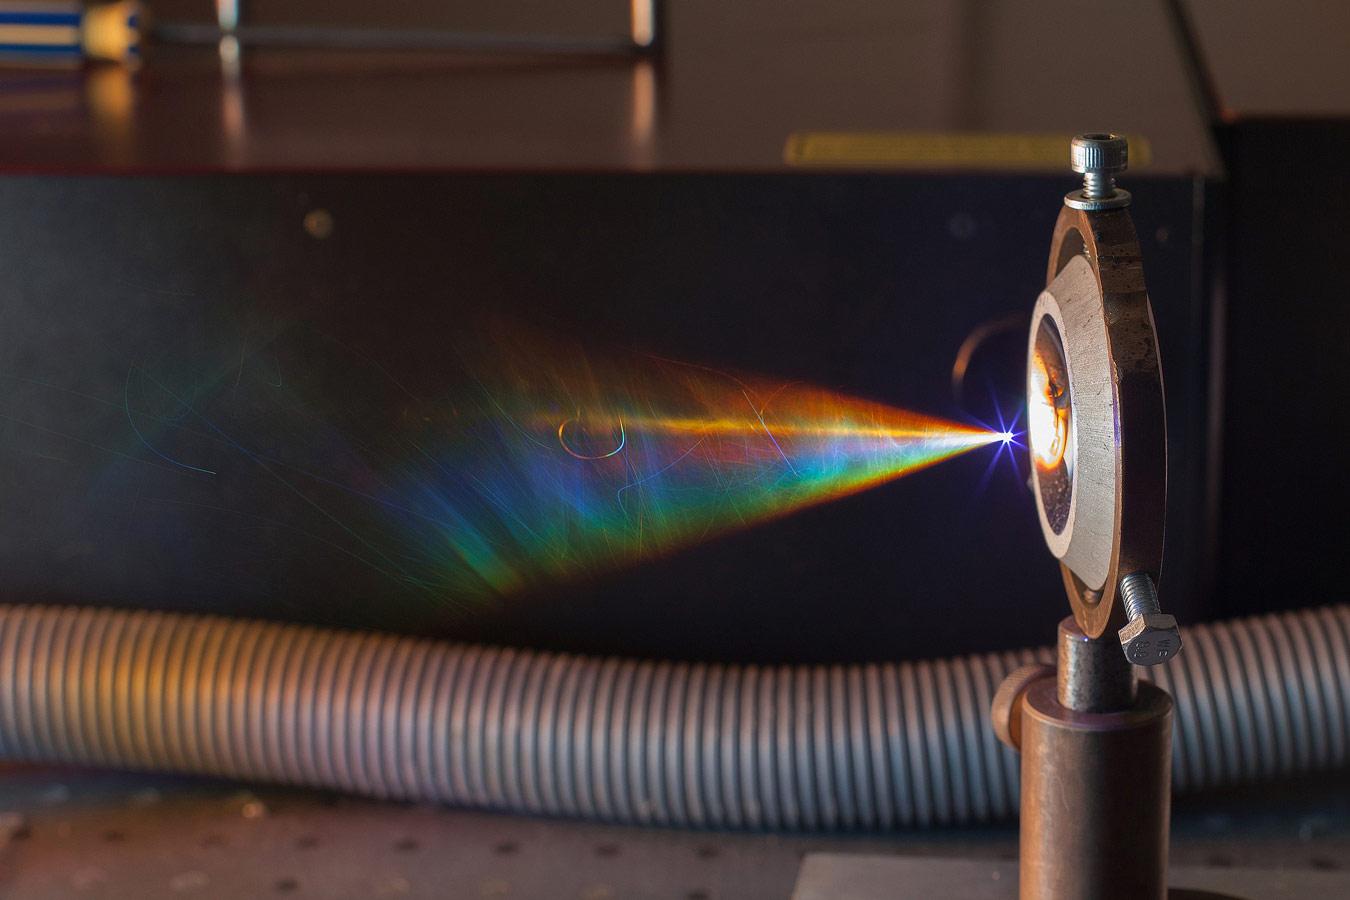 Общая категория, © Onlywww, II место, Конкурс научных фотографий «Снимай науку»